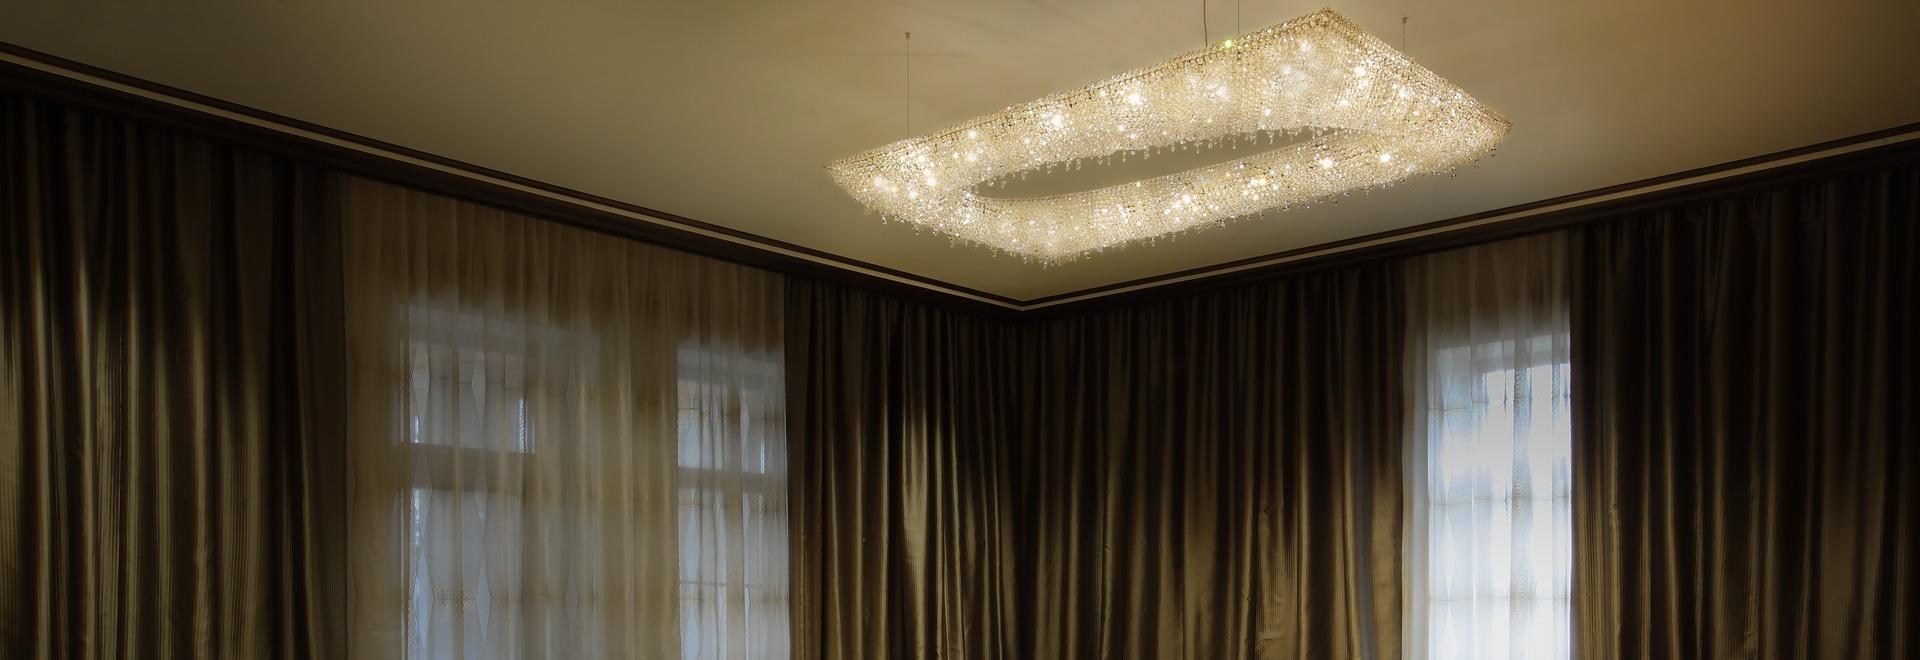 Lámpara cristalina de Artikoi en Moscú